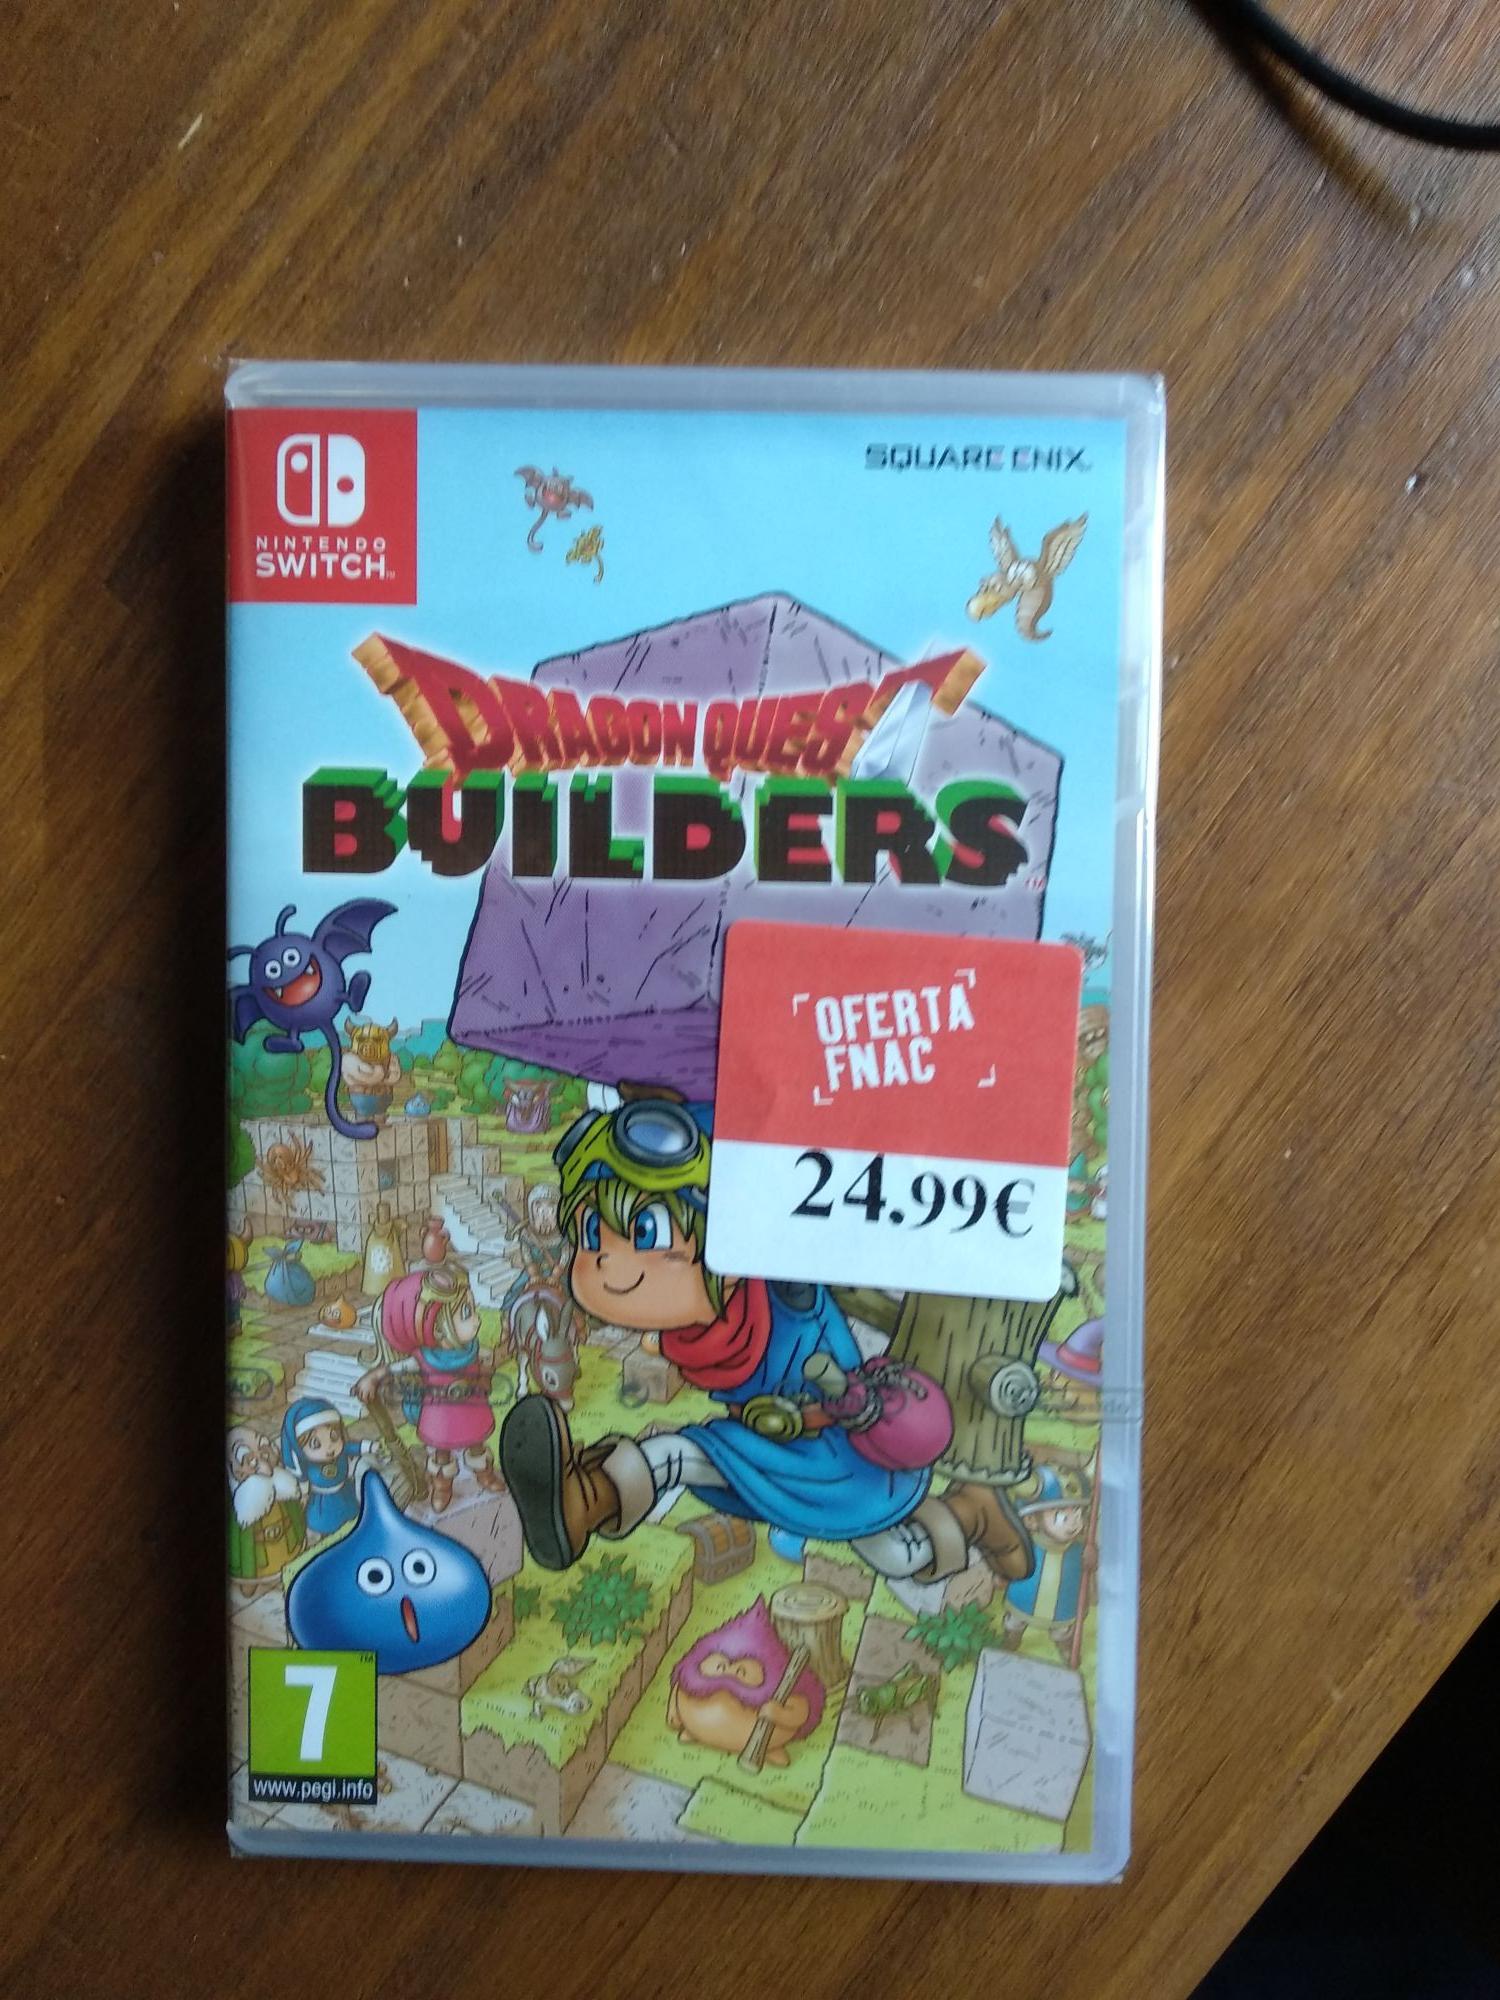 Dragon Quest Builders Nintendo Switch en Fnac de Plaza Río